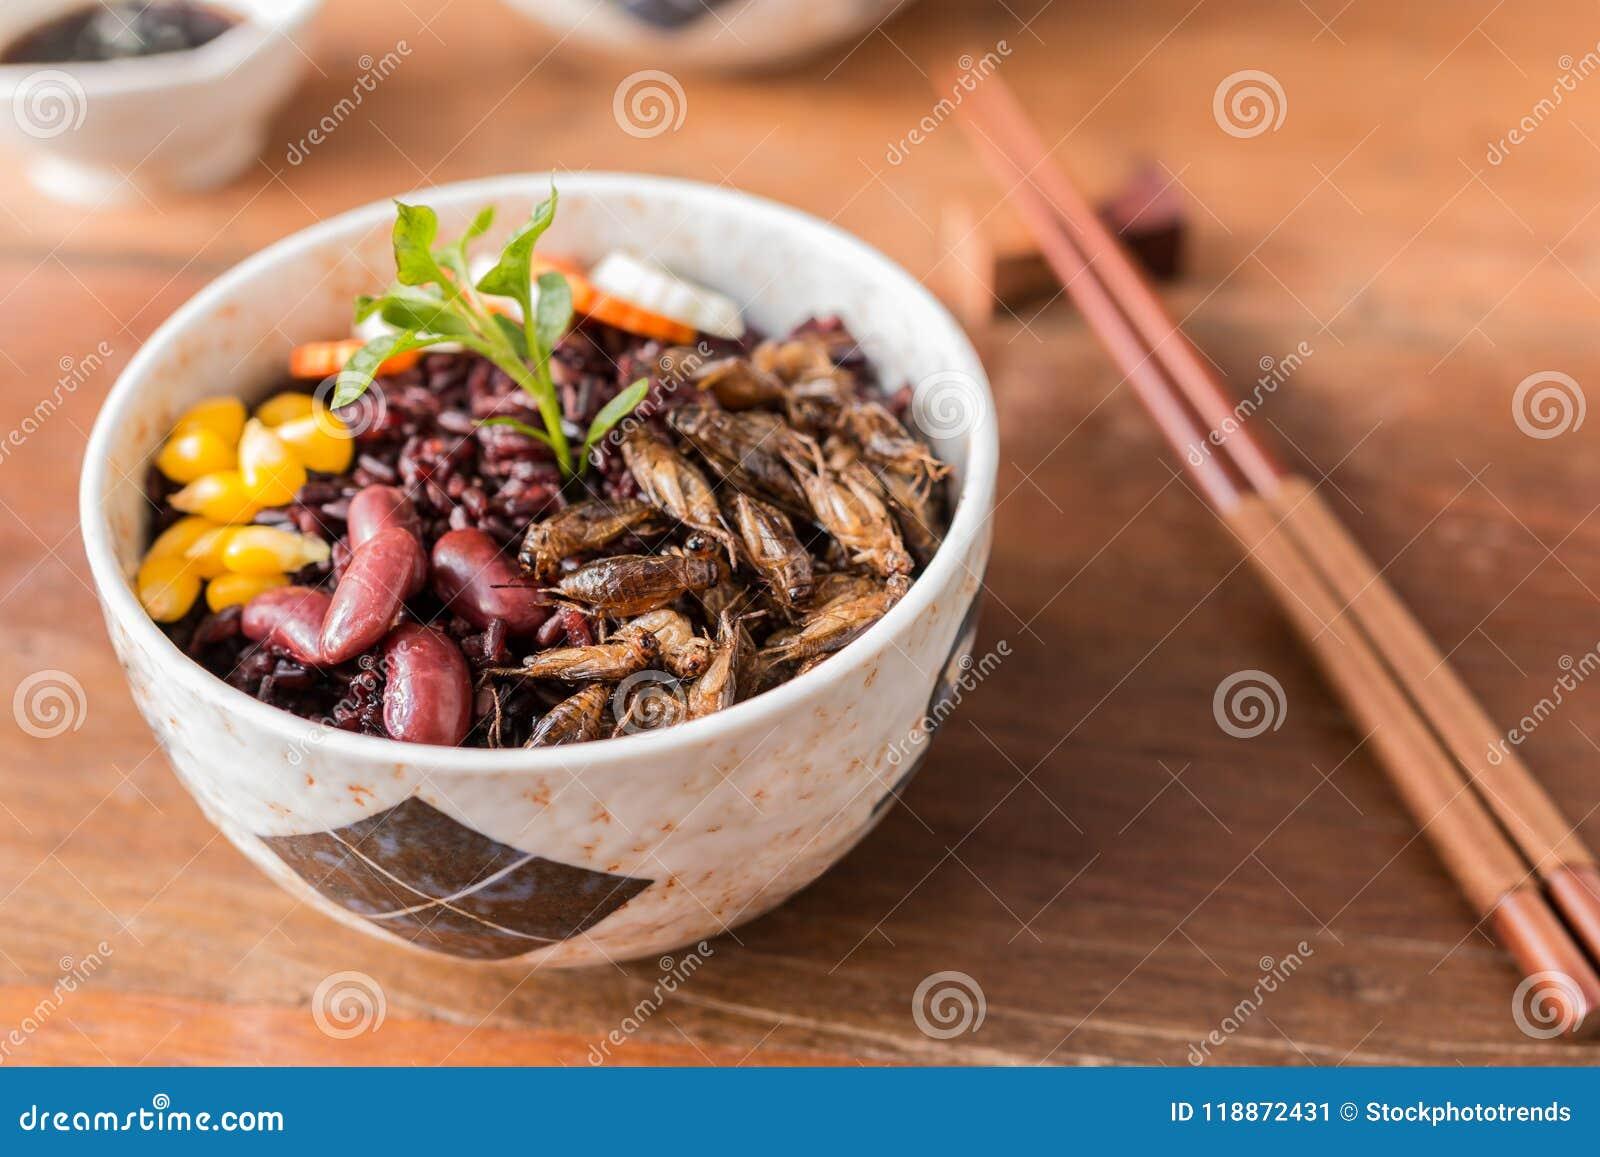 Baie d insecte et de riz